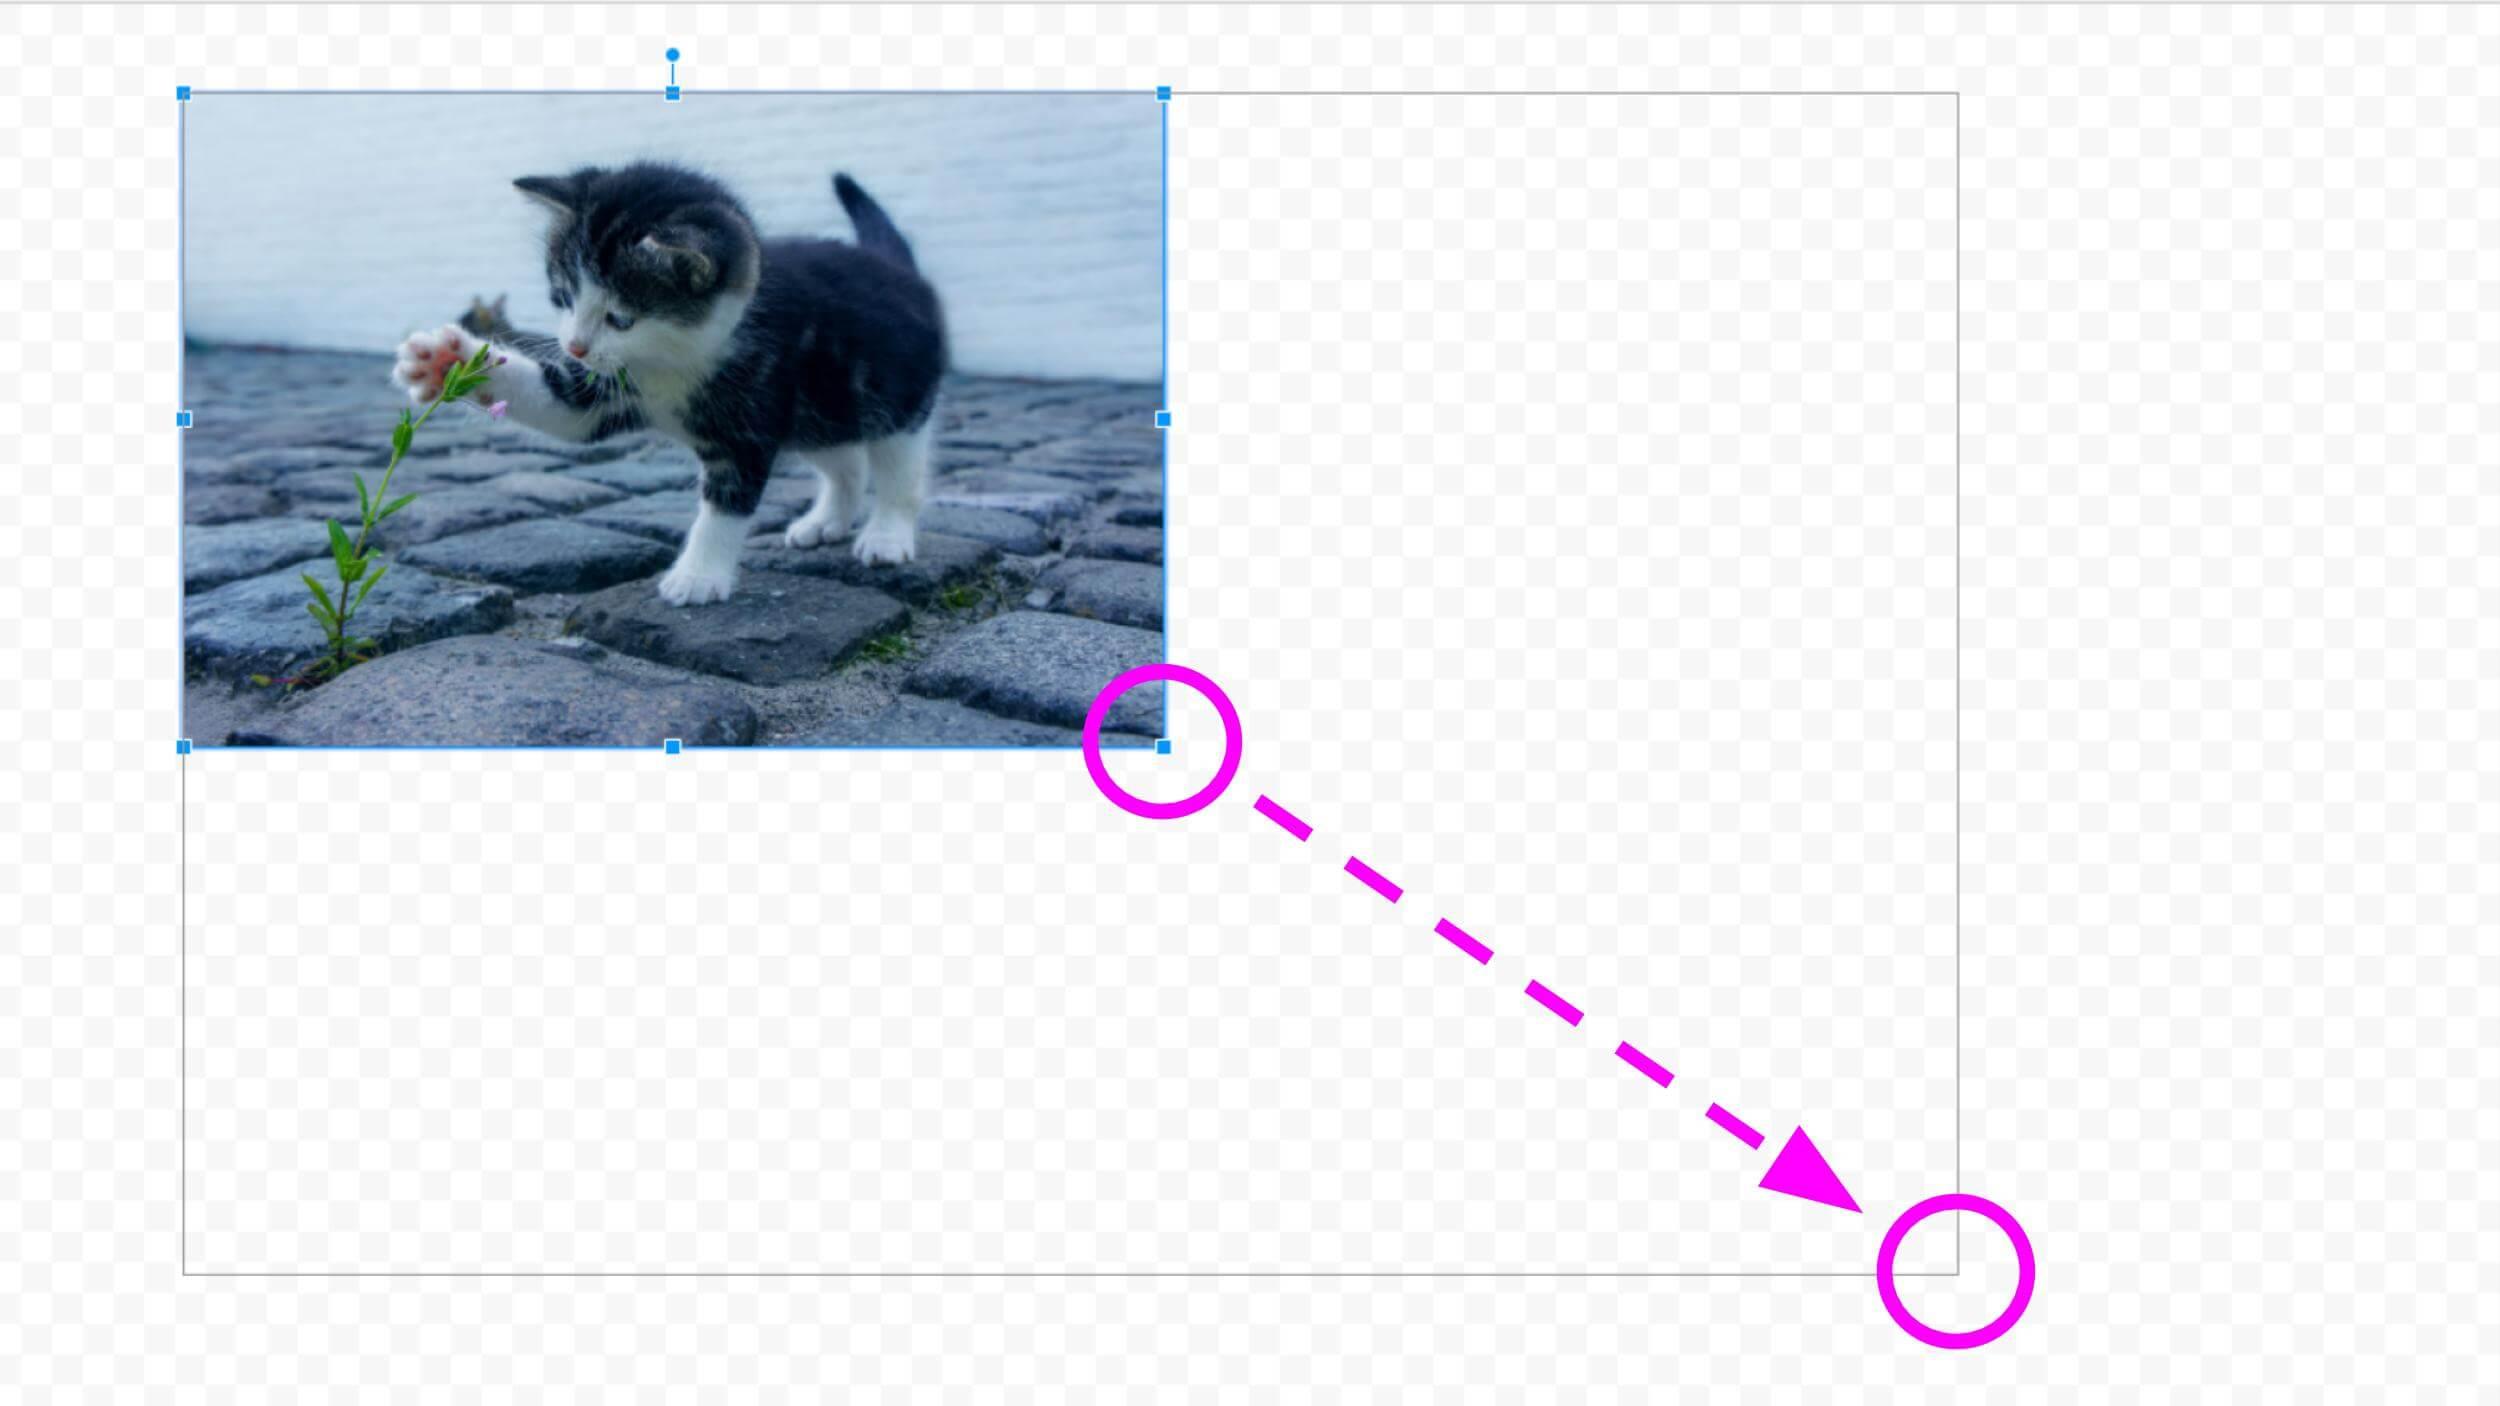 画像のサイズ変更 拡大